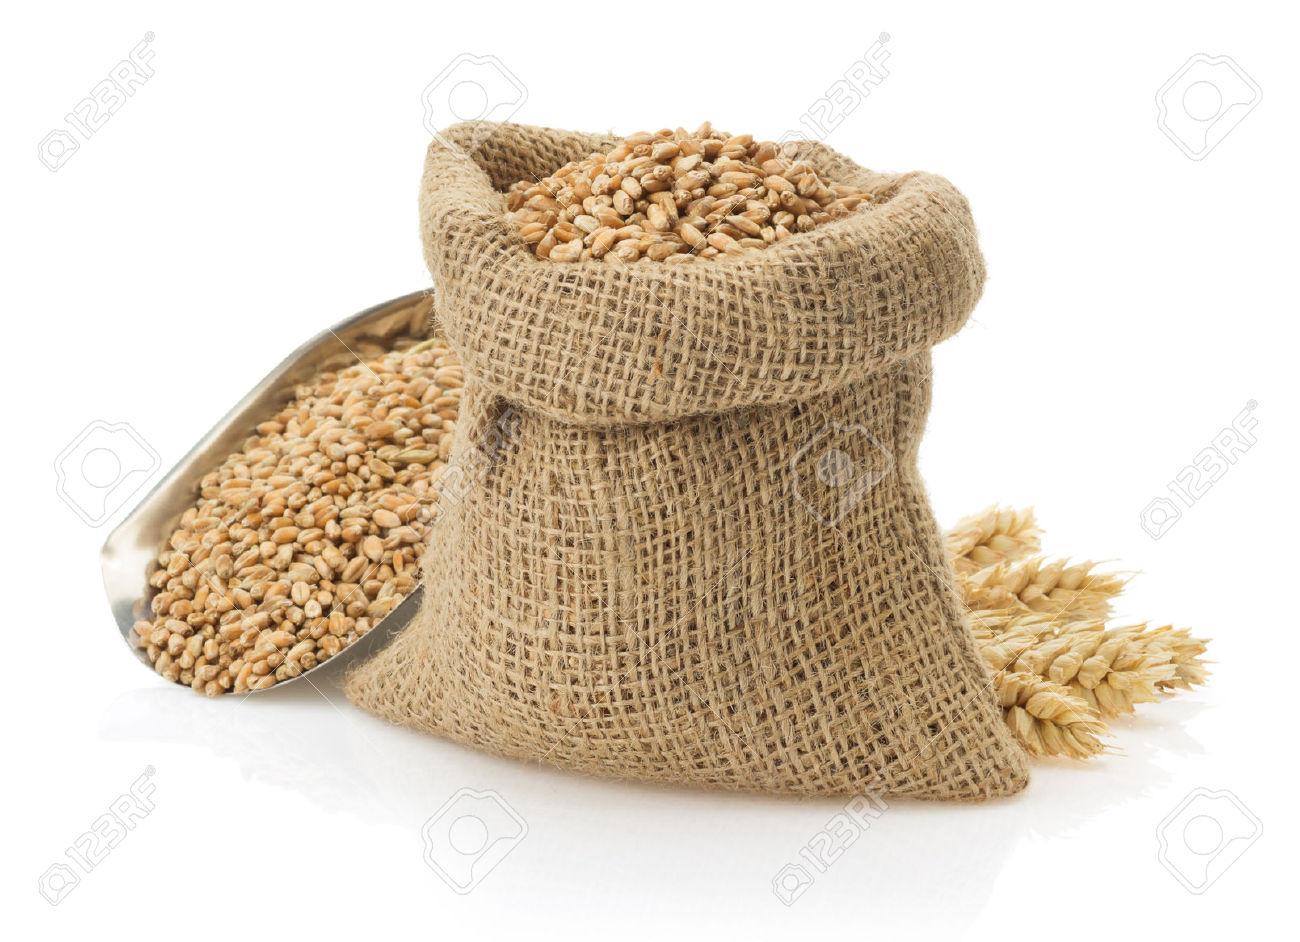 pin Grains clipart flour sack #2 - Flour Sack PNG